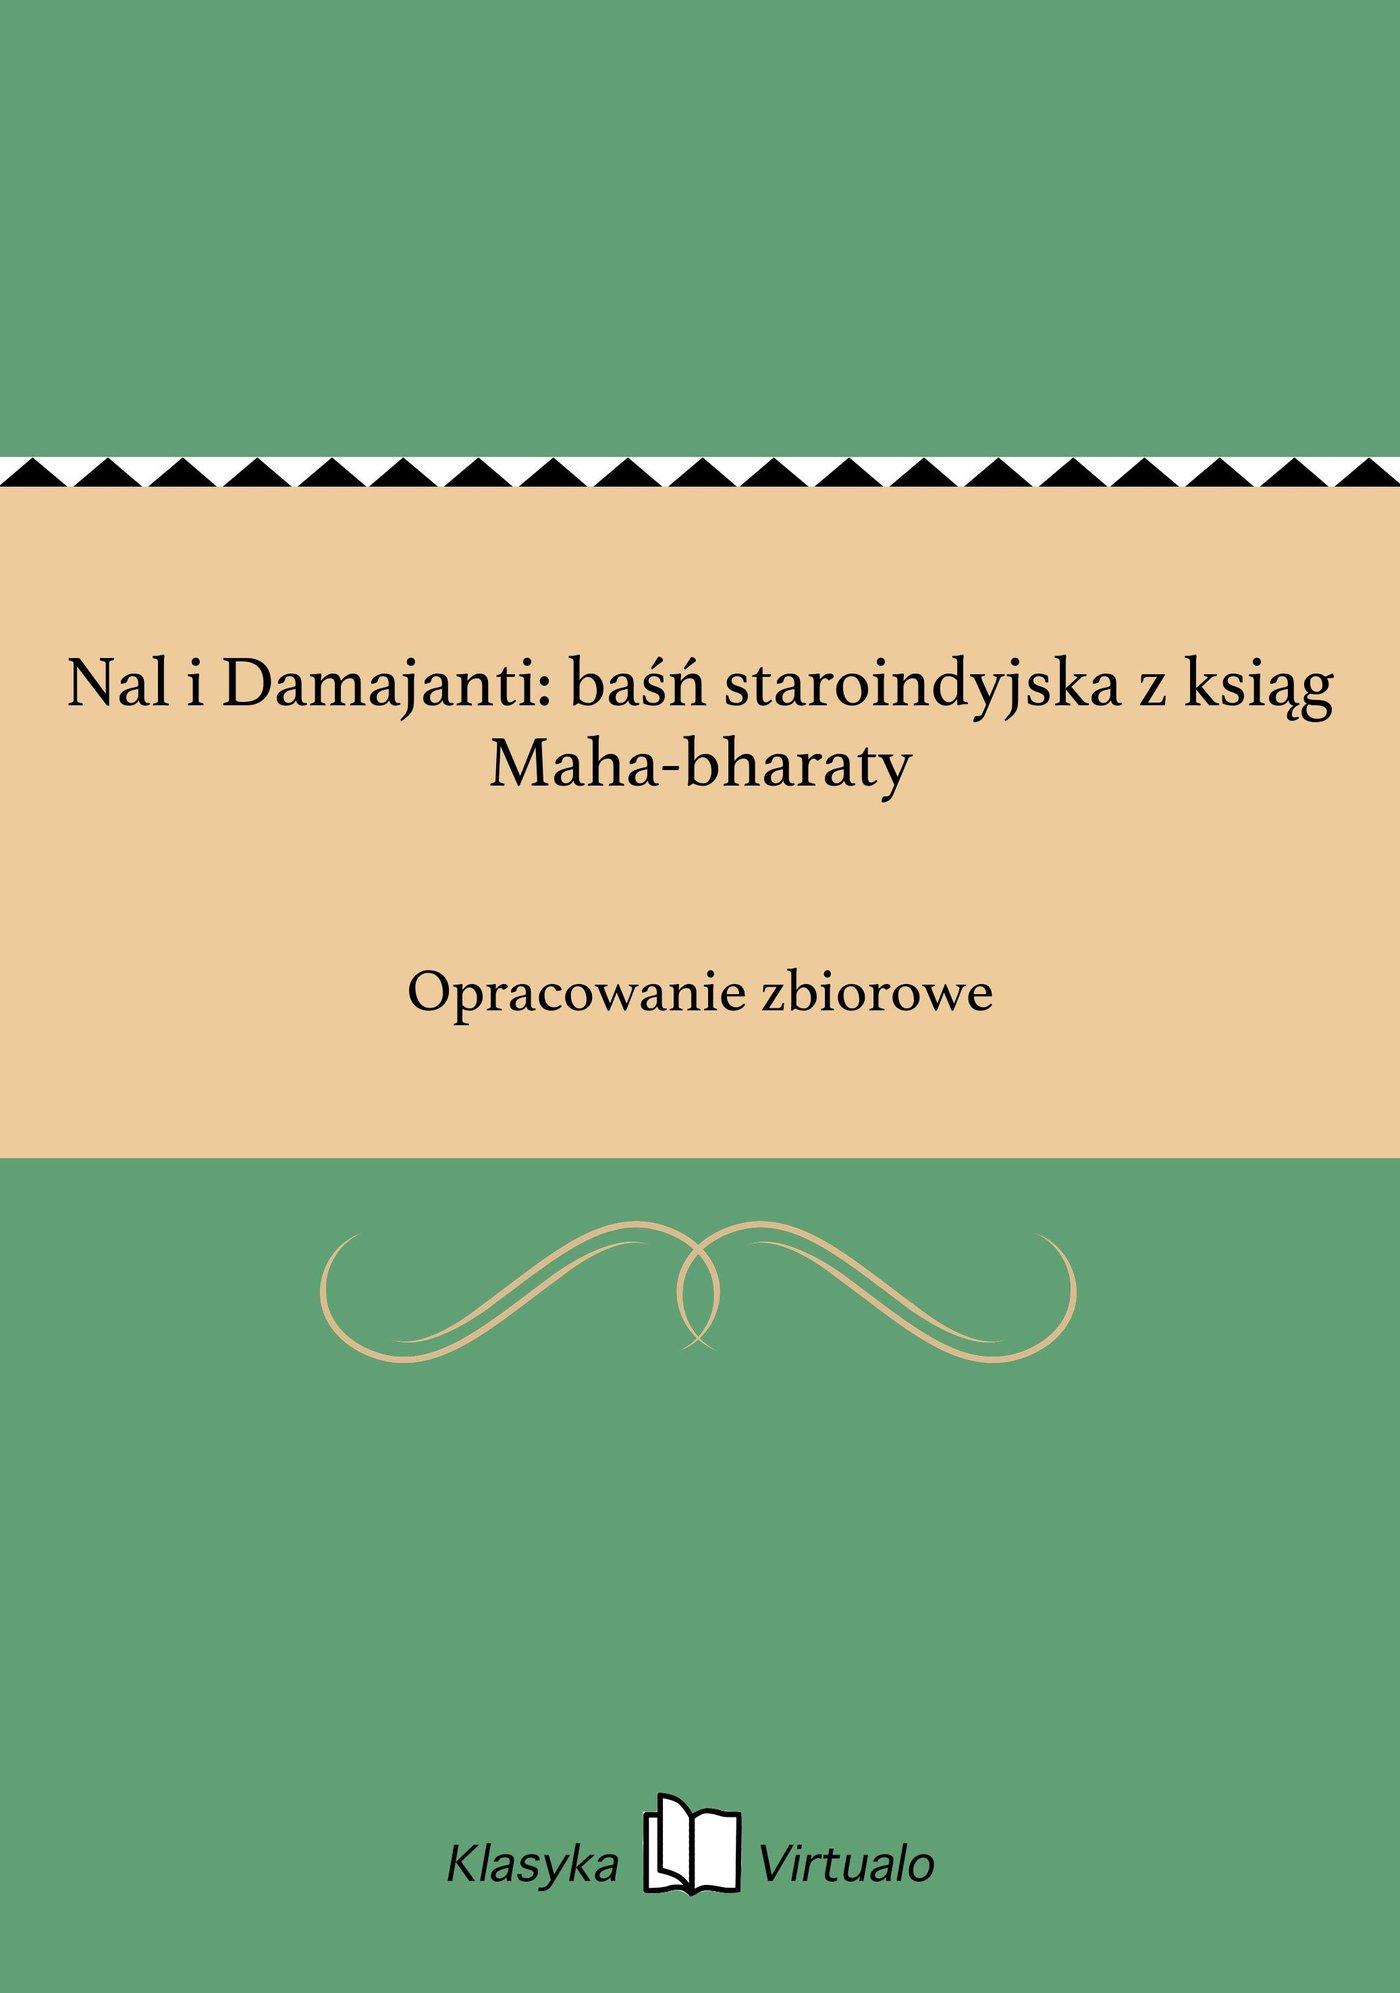 Nal i Damajanti: baśń staroindyjska z ksiąg Maha-bharaty - Ebook (Książka EPUB) do pobrania w formacie EPUB